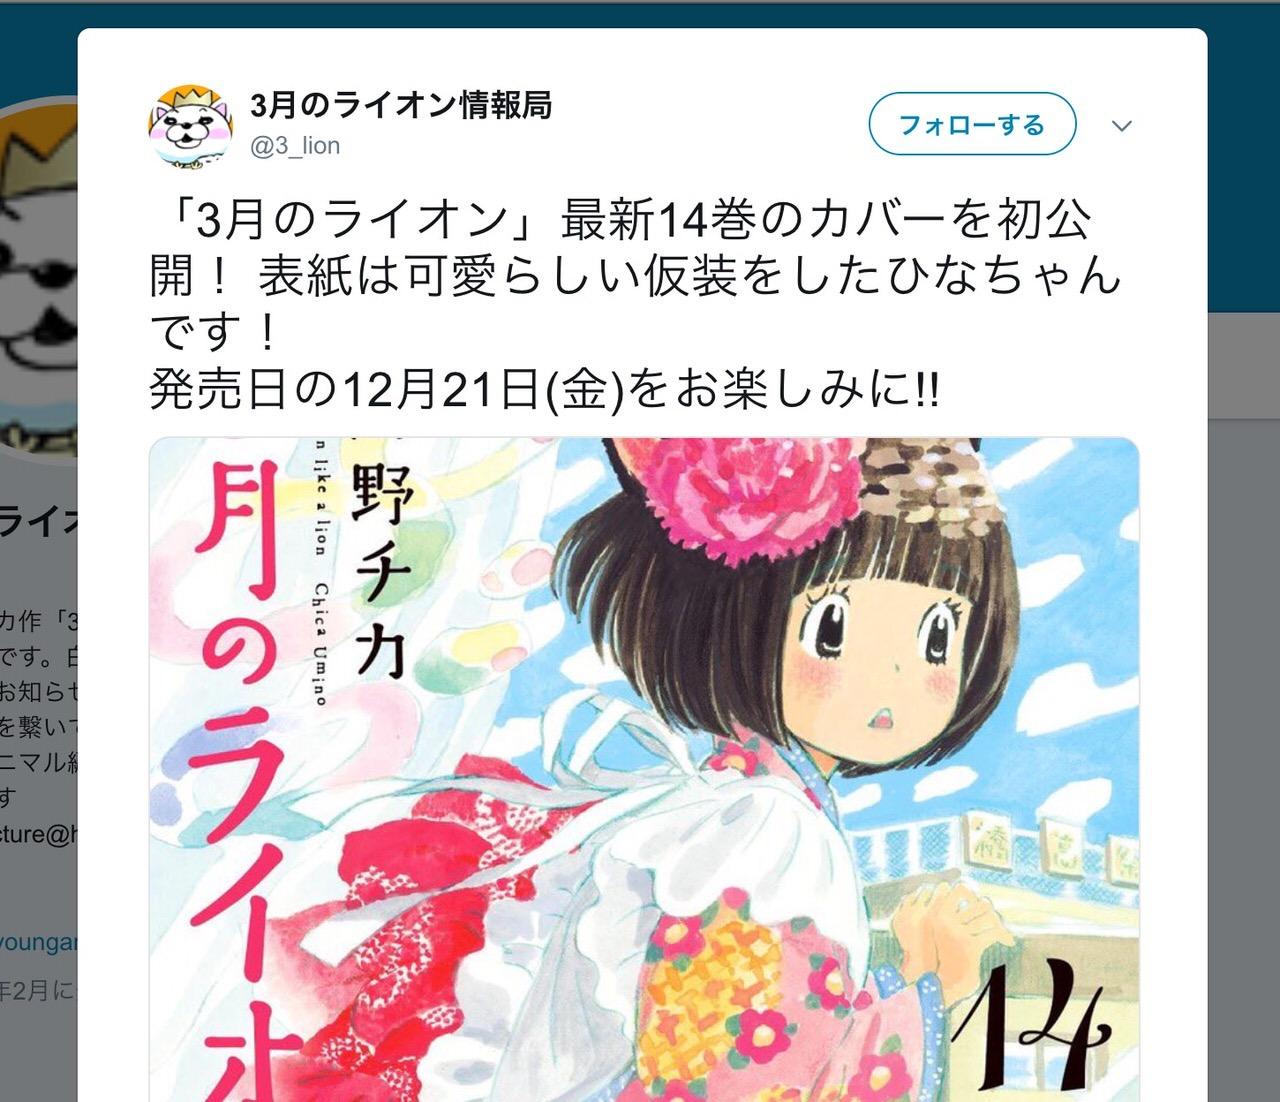 「3月のライオン」最新14巻の仮装をしたひなちゃんの可愛らしい表紙が公開される